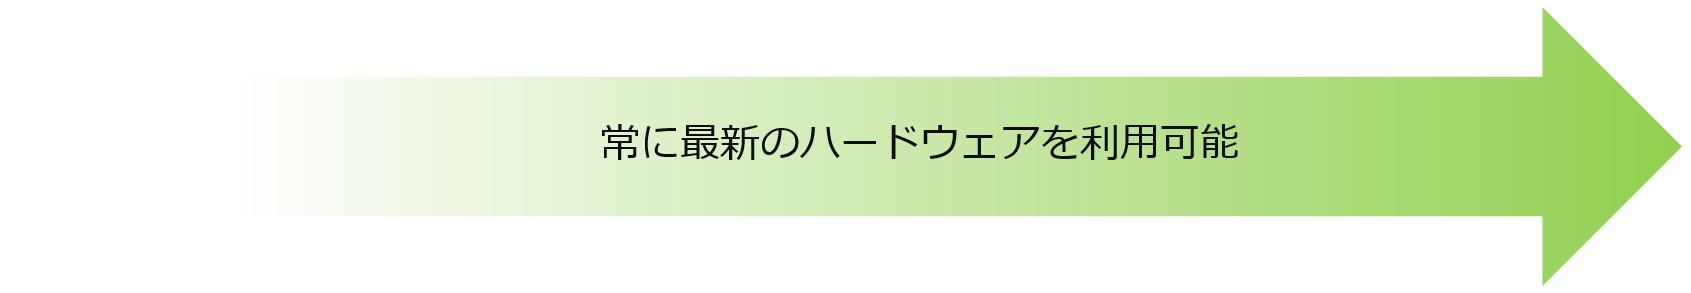 gen_hw